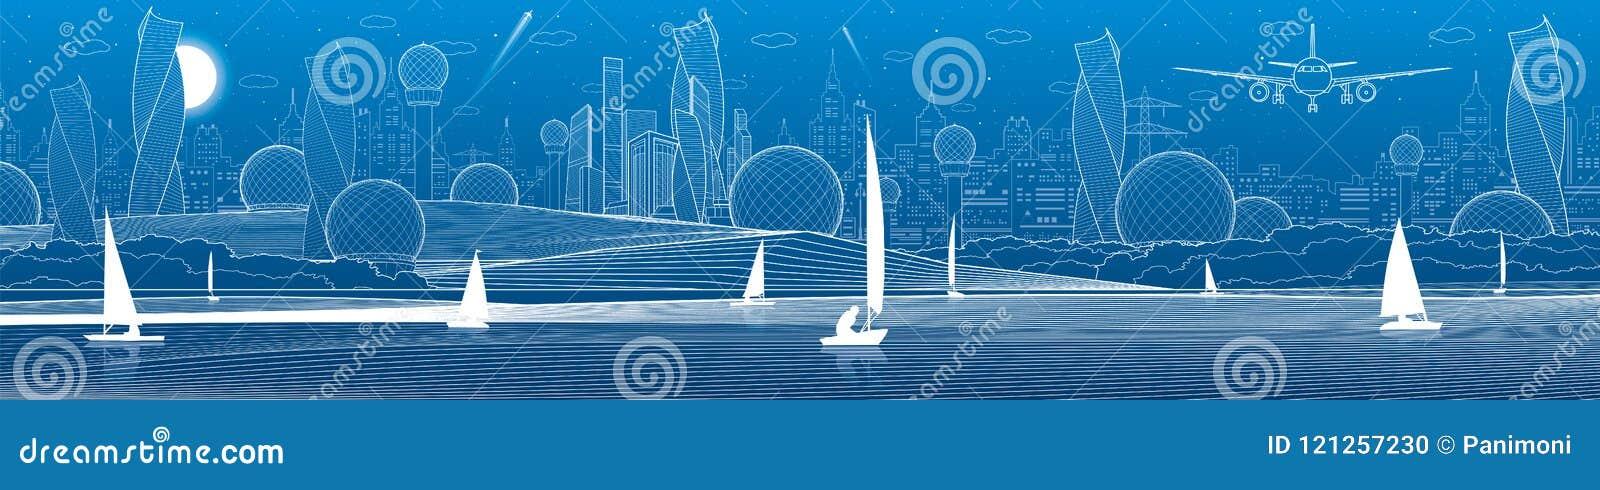 Иллюстрация футуристической инфраструктуры города панорамная Муха самолета Городок ночи на предпосылке Плавать плавать на воде ли